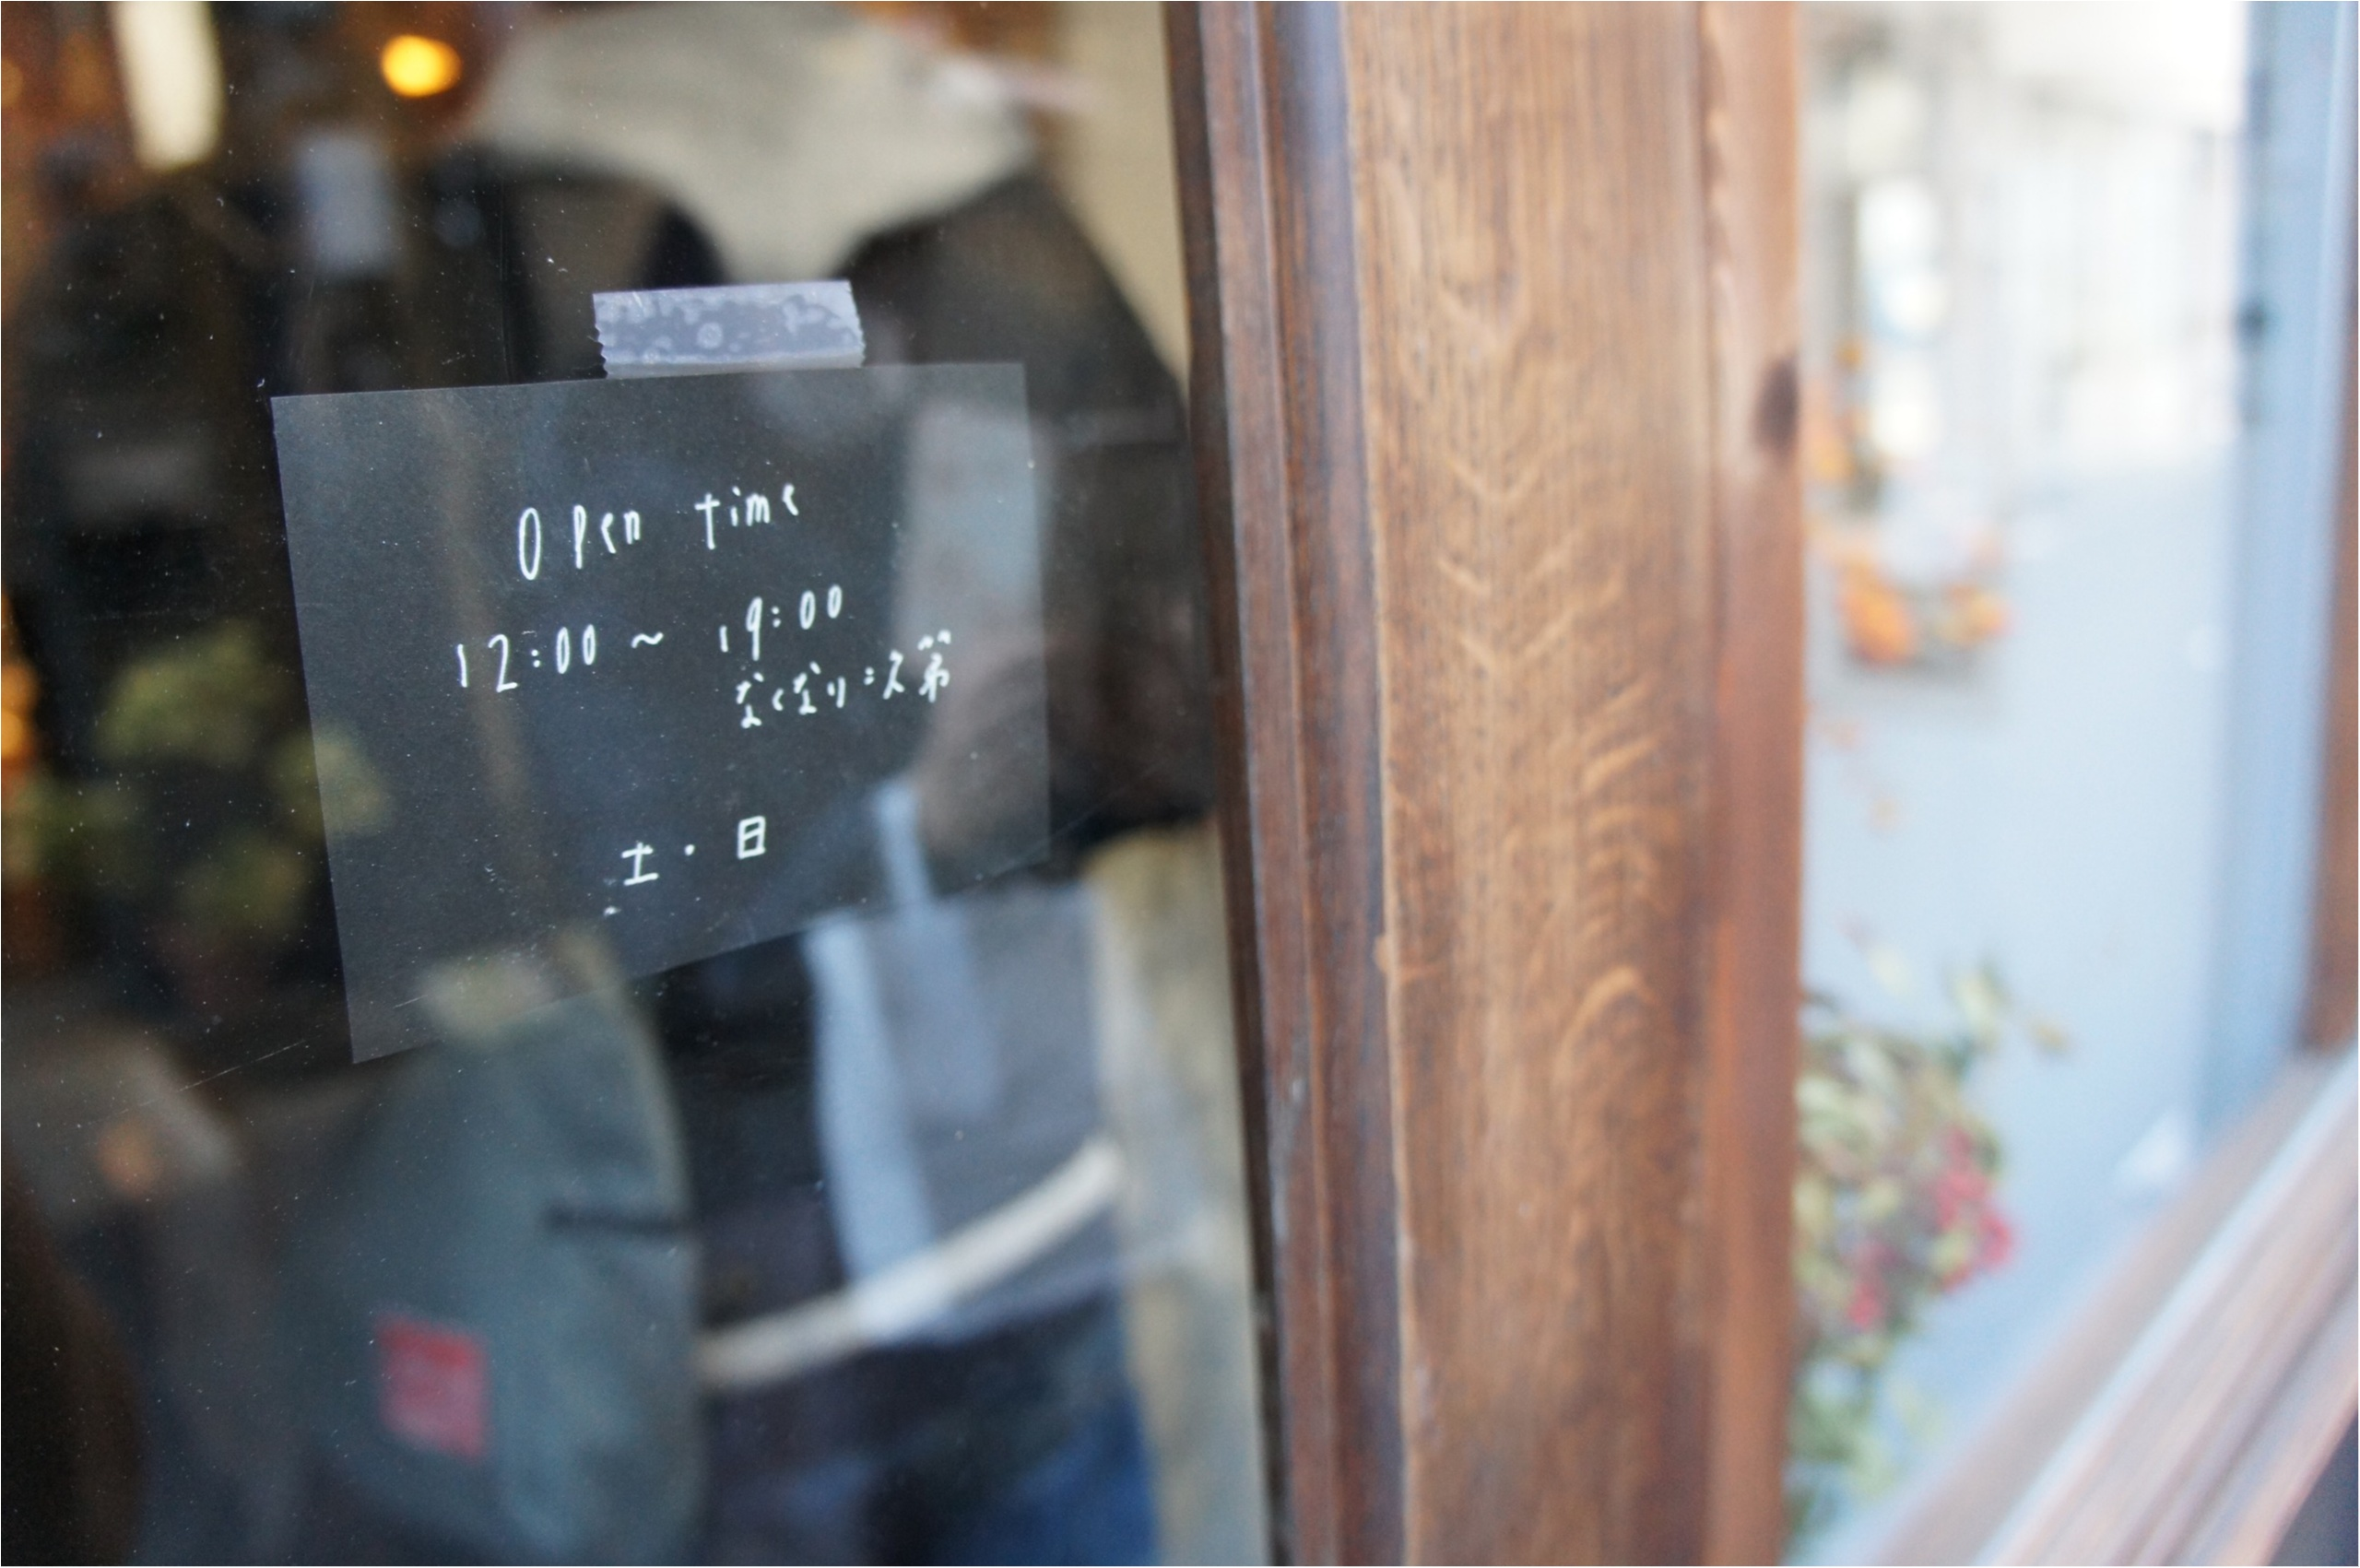 《ご当地MORE★東京》最近気になるお店がいっぱいの【蔵前】エリア!土日だけOpenしている〝シノノメ〟でツウな手土産スイーツをgetしました❤️_1